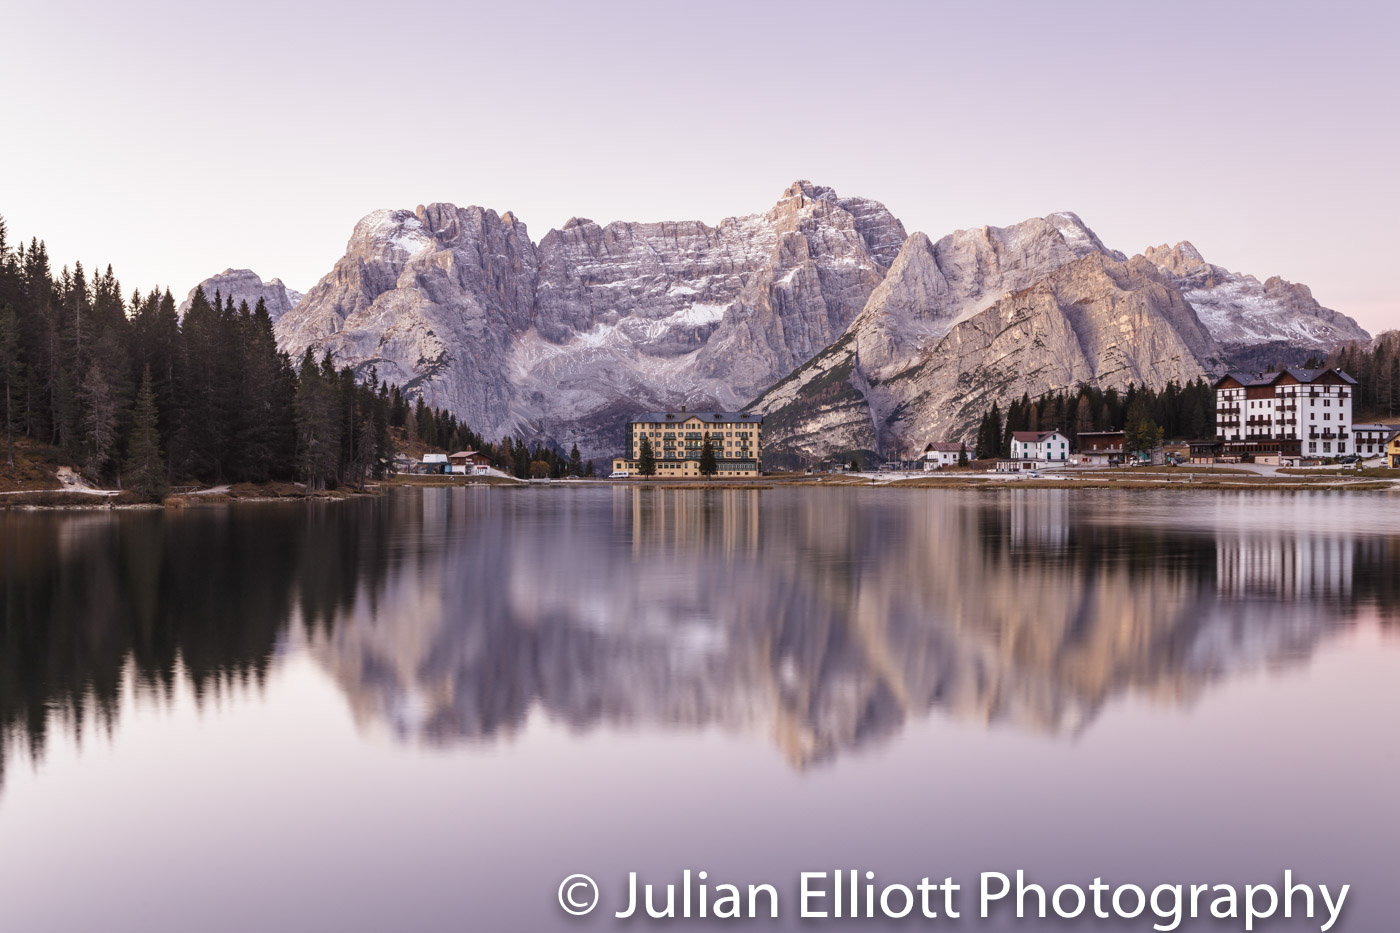 Lago di Misurina in the Dolomites at dawn, Italy.